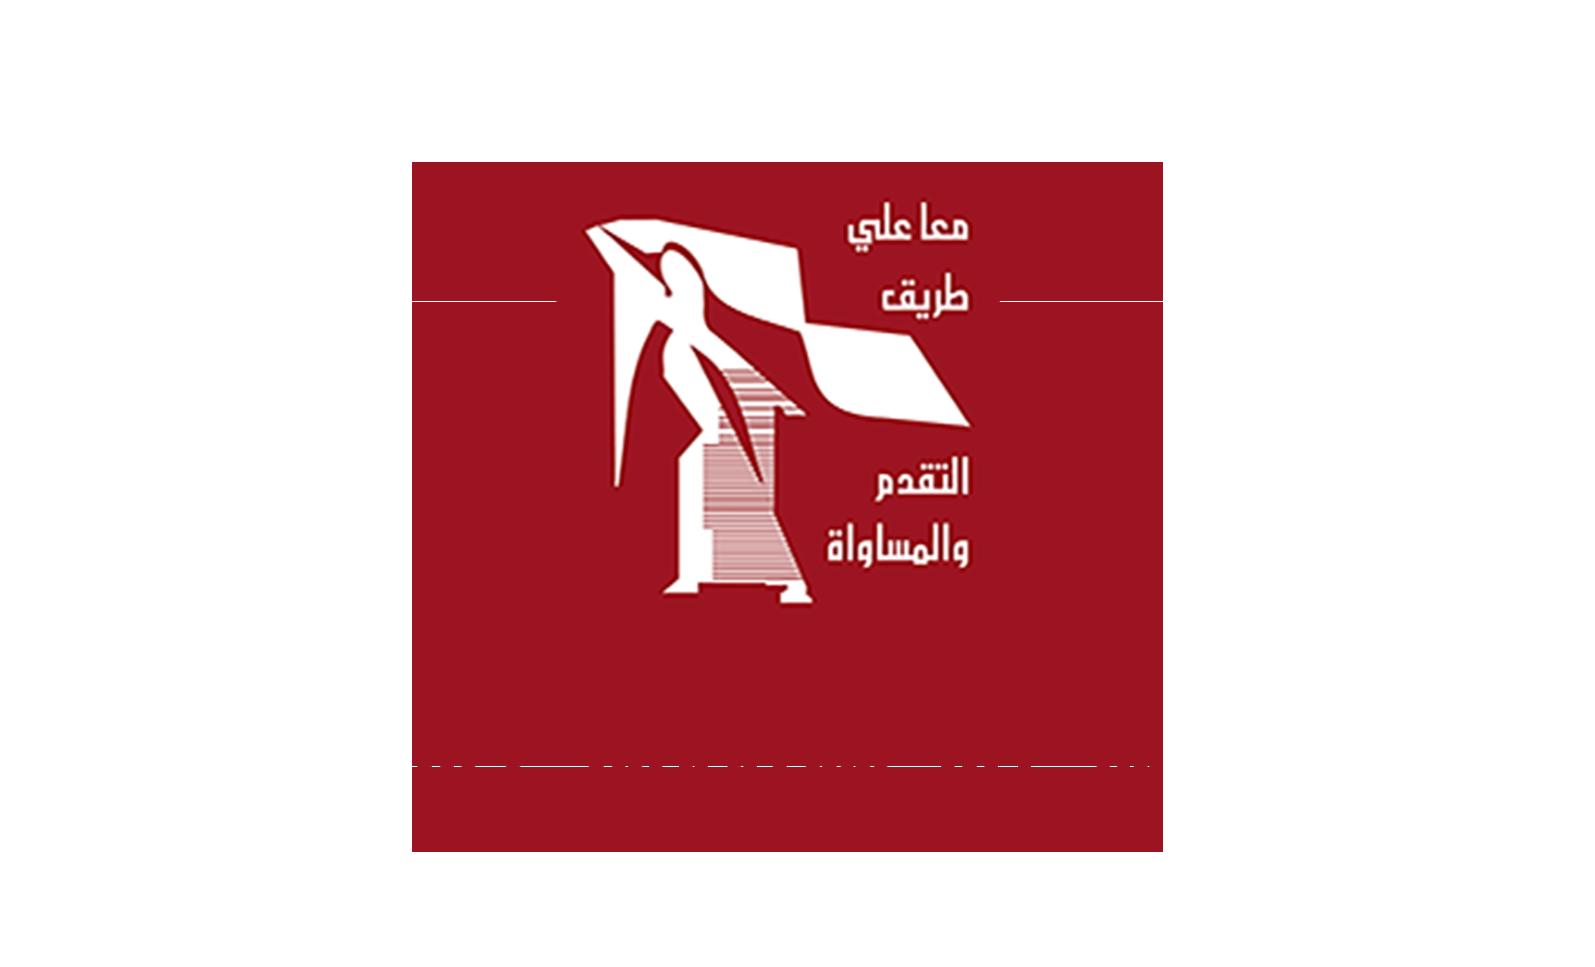 تعزيز قدرات النساء للحد والاستجابة للعنف المبني على النوع الاجتماعي في قطاع غزة.